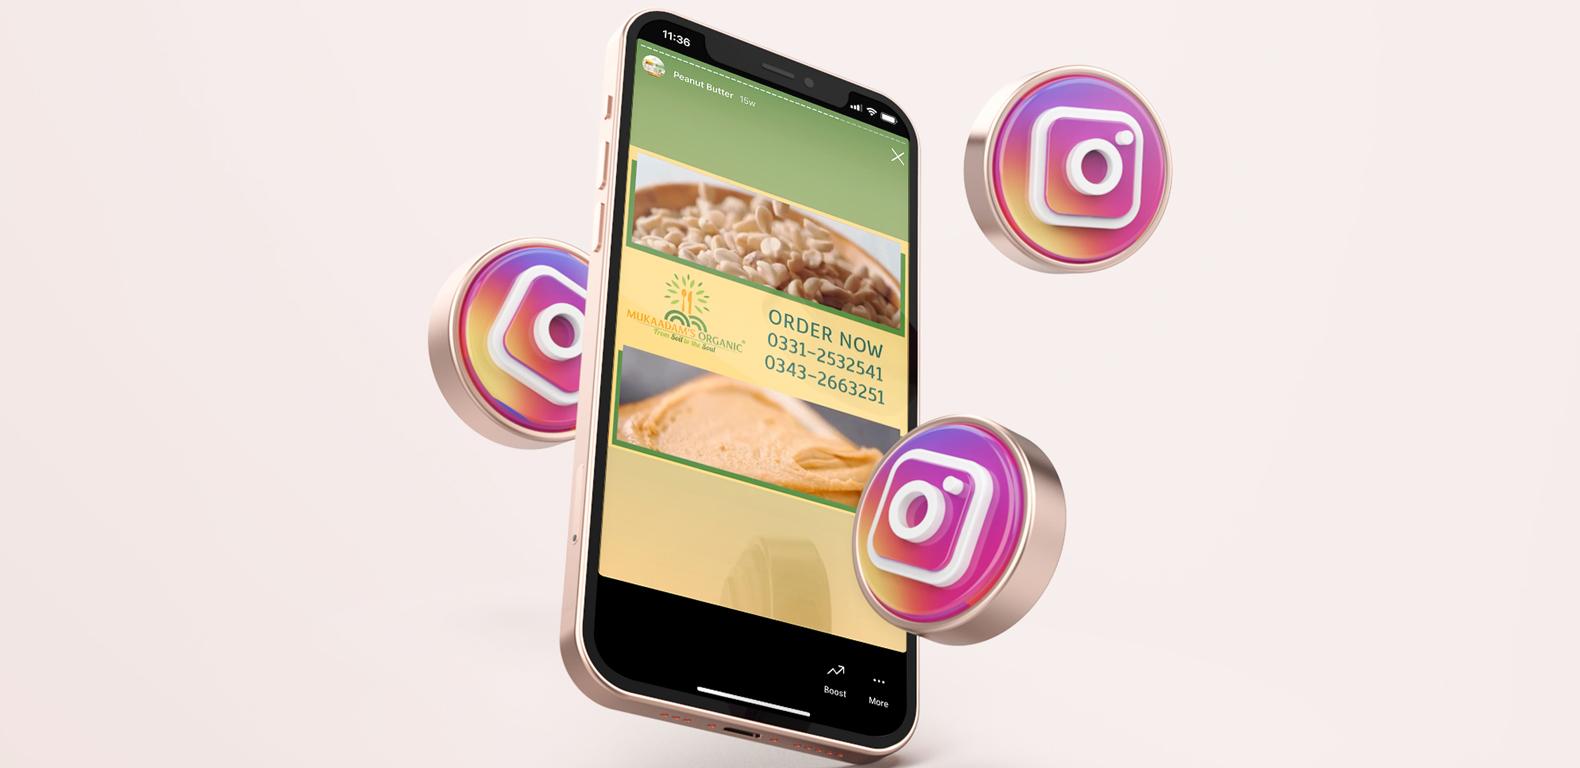 social-media-marketing-mukaadams-organic-Instagram-posts-5